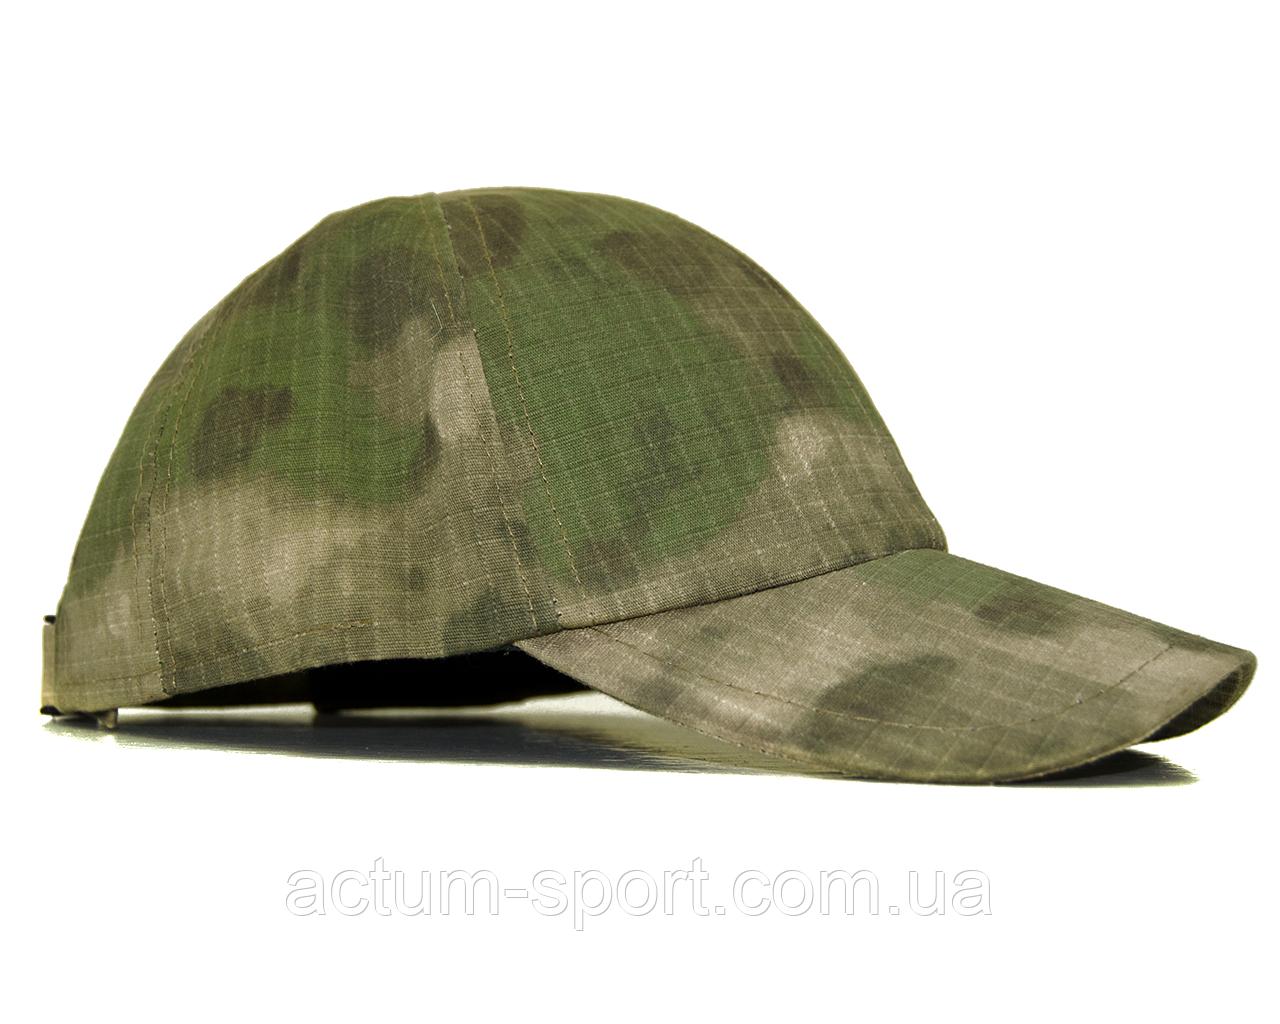 Бейсболка - кепка тактическая A-TACS FG S/M